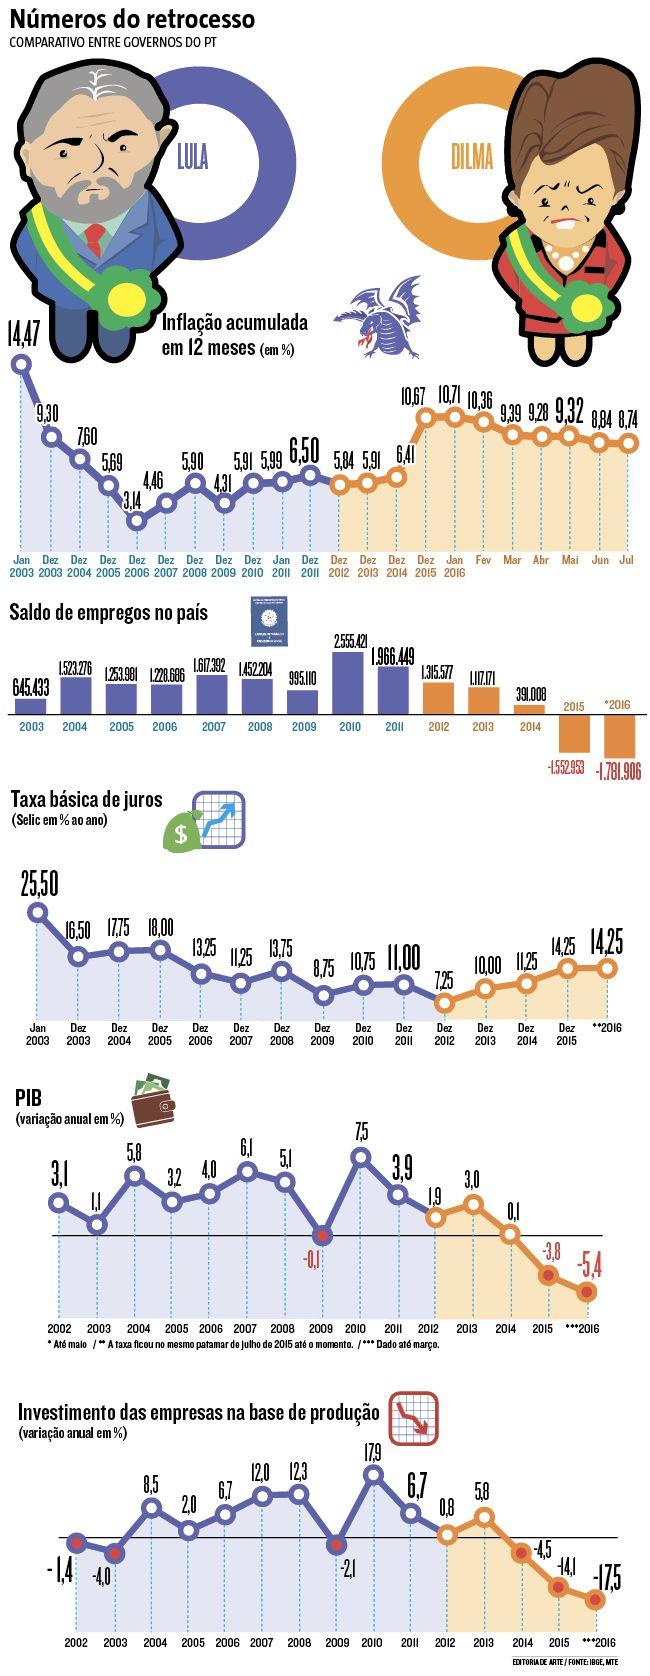 Existe, de fato, uma nítida deterioração dos indicadores econômicos entre o fim da era Lula, em dezembro de 2011, e o afastamento de Dilma Rousseff, em maio deste ano.  (31/08/2016) #Impeachment #Dilma #Lula #PT #Presidente #Infográfico #Infografia #HojeEmDia